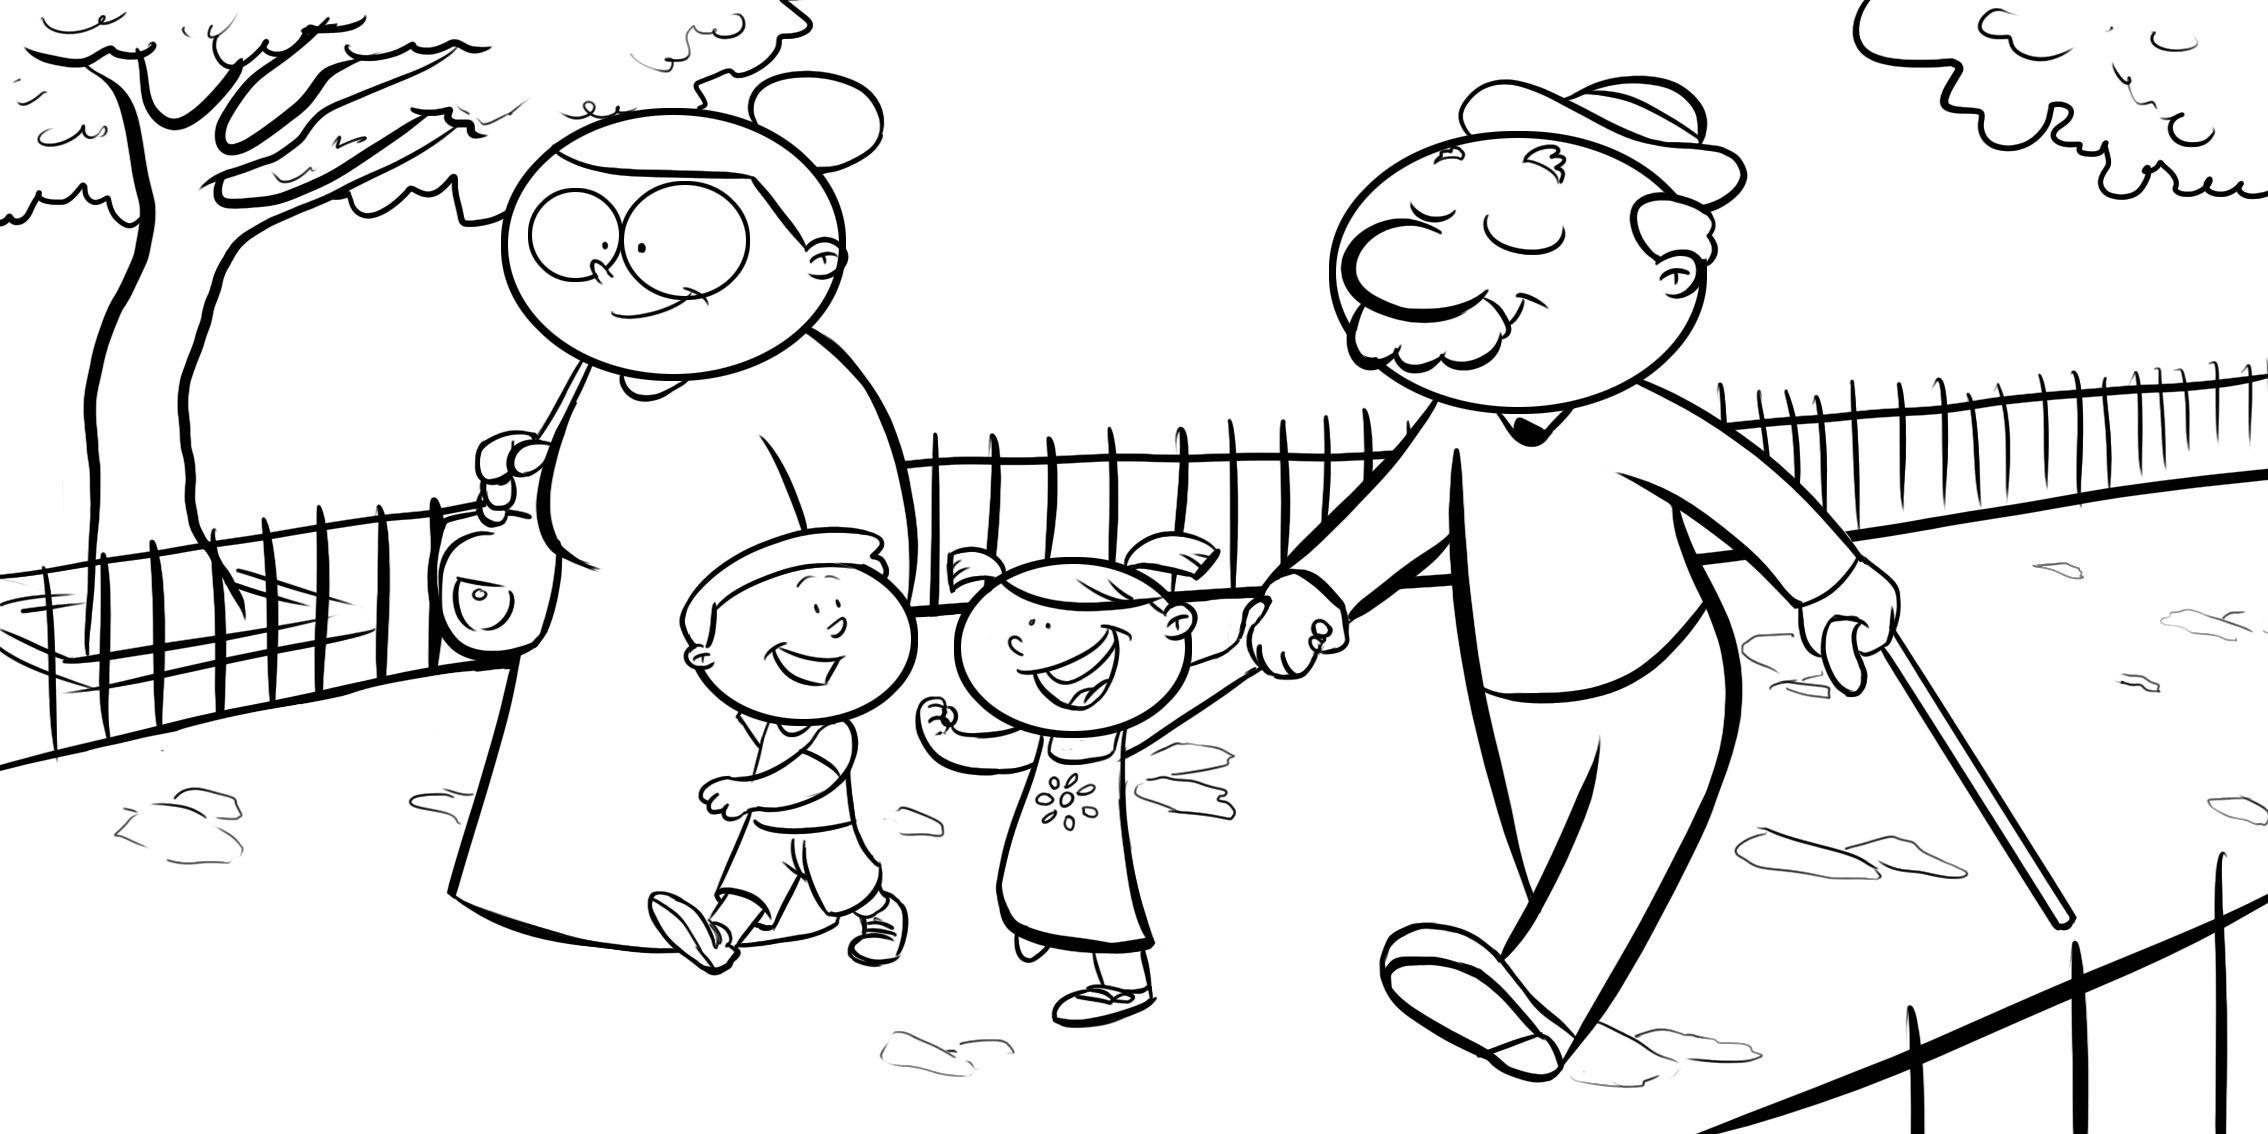 Colorear abuelos dando un paseo con sus nietos | abuelos | Pinterest